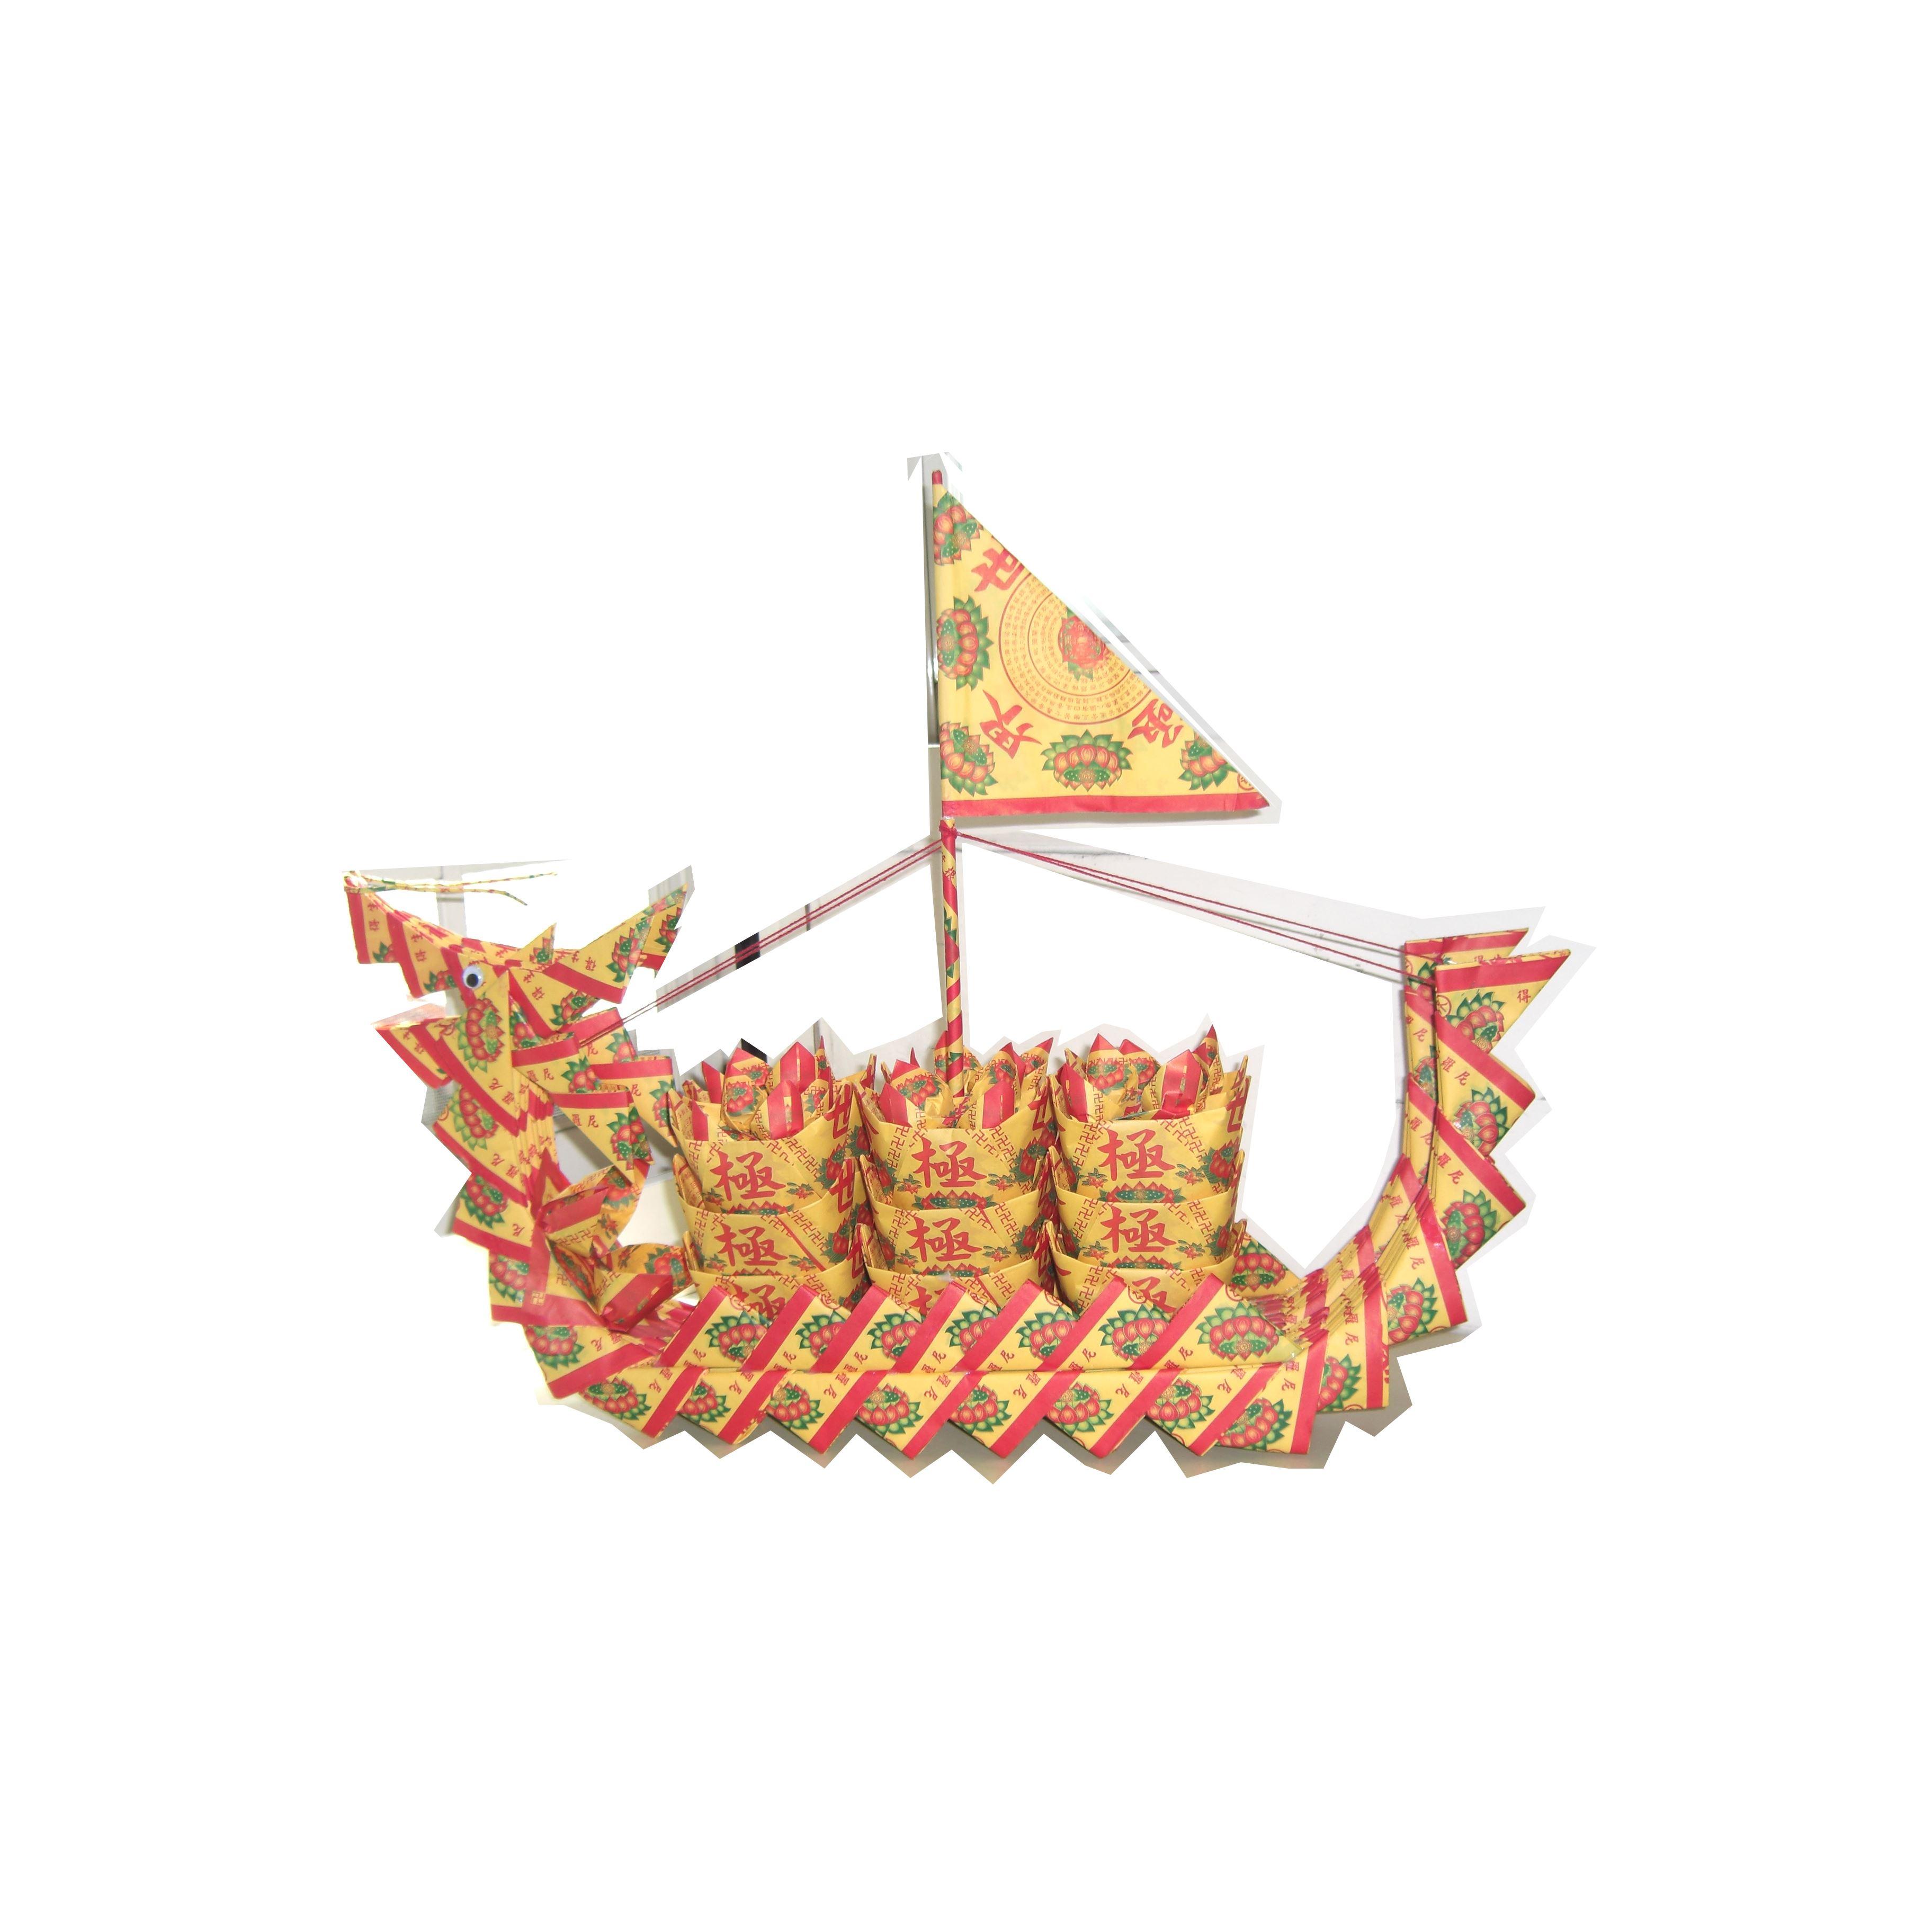 【金發財金紙】普渡用消災解厄補財庫2尺2往生龍船